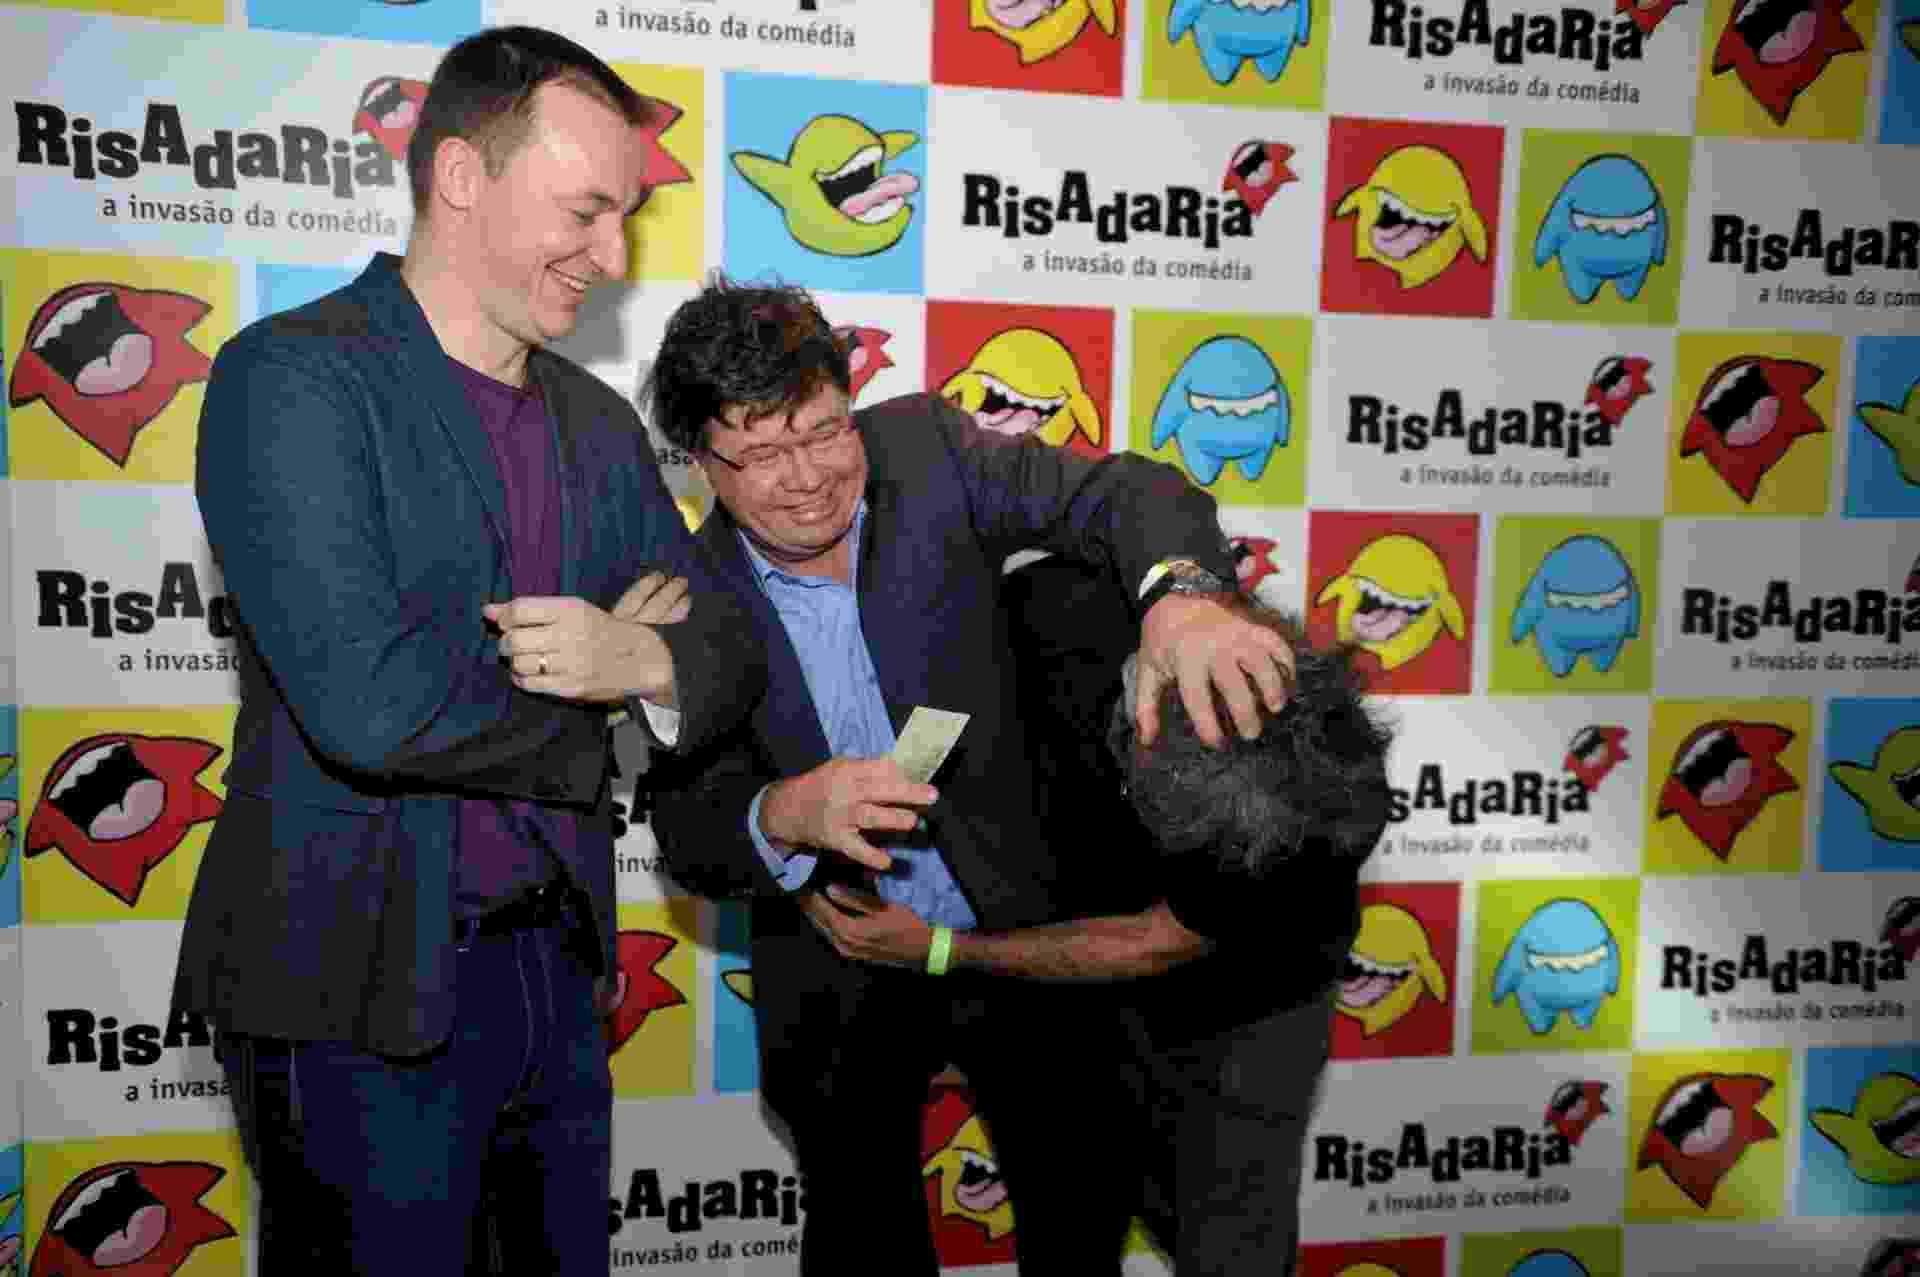 8.abr.2014 - Os humoristas Paulo Bonfá e Marcelo Madureira participam de abertura do Risadaria 2014 - Divulgação